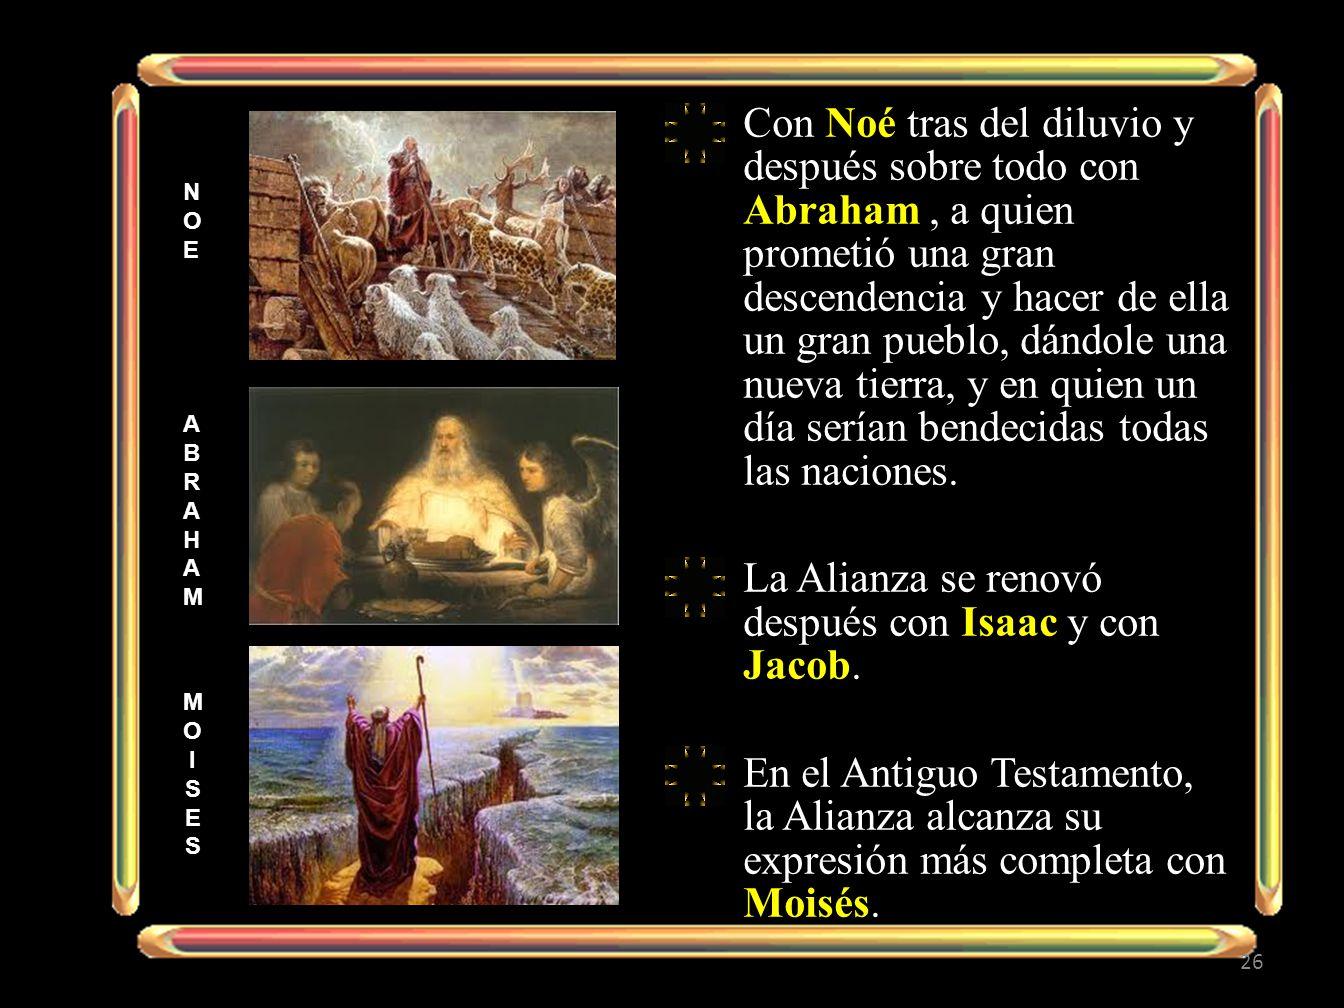 Con Noé tras del diluvio y después sobre todo con Abraham, a quien prometió una gran descendencia y hacer de ella un gran pueblo, dándole una nueva tierra, y en quien un día serían bendecidas todas las naciones.